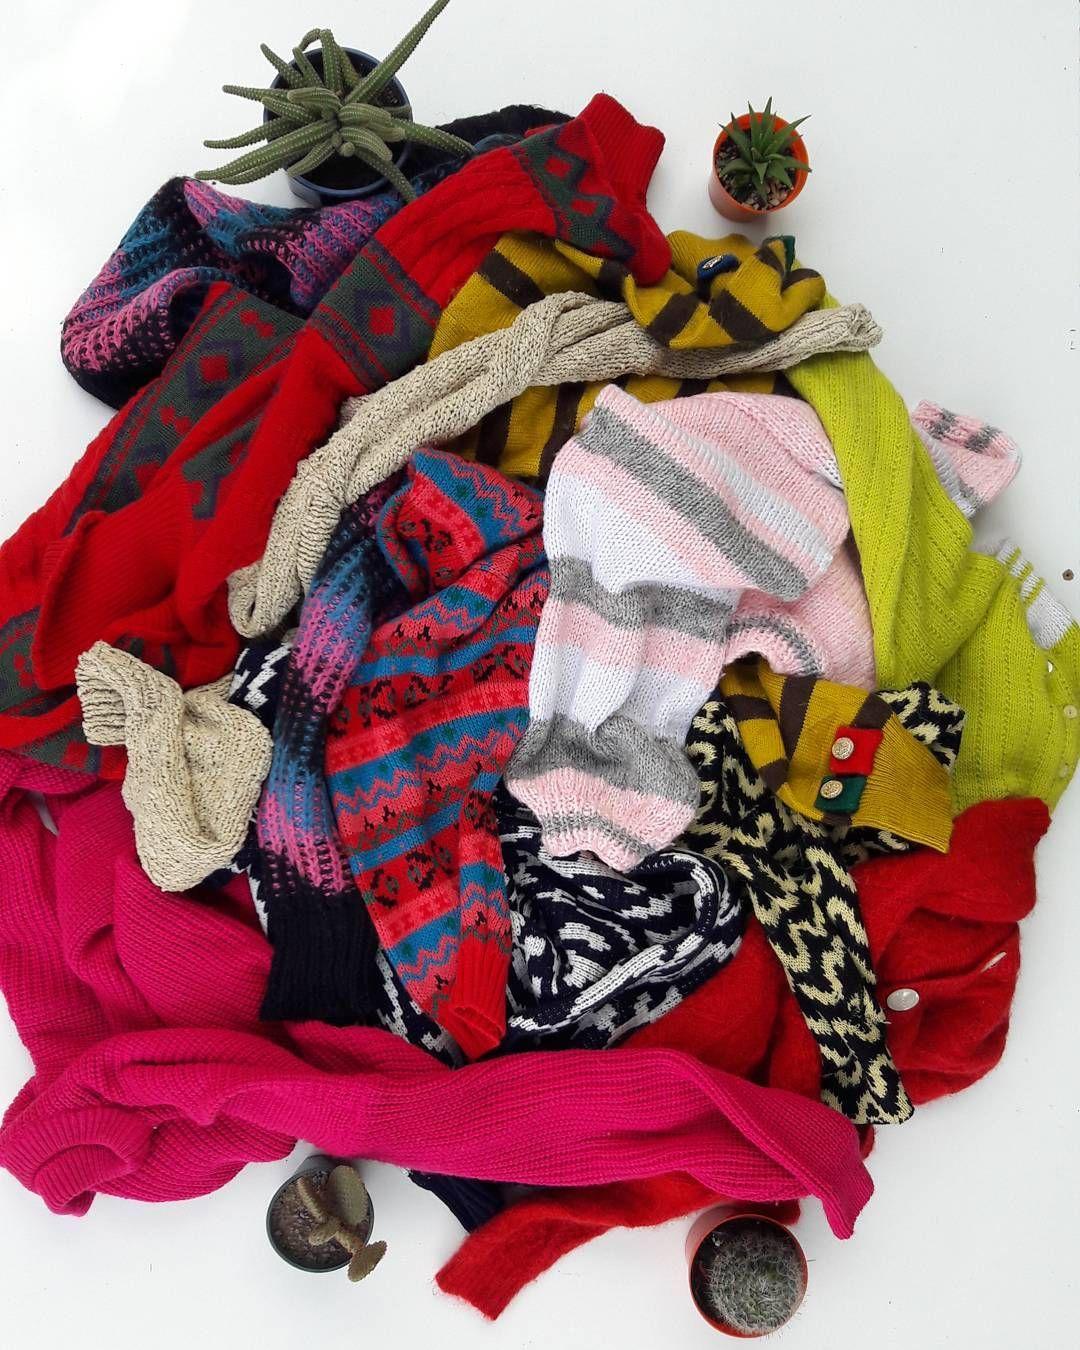 mañana llega una nueva tanda de sweaters de Las Martas Vintage a El Showroom del Señor Alberto  para aprovechar el feriado vamos abrir de 14hs a 20hs  Tacuari 905 San Telmo. by adasnac